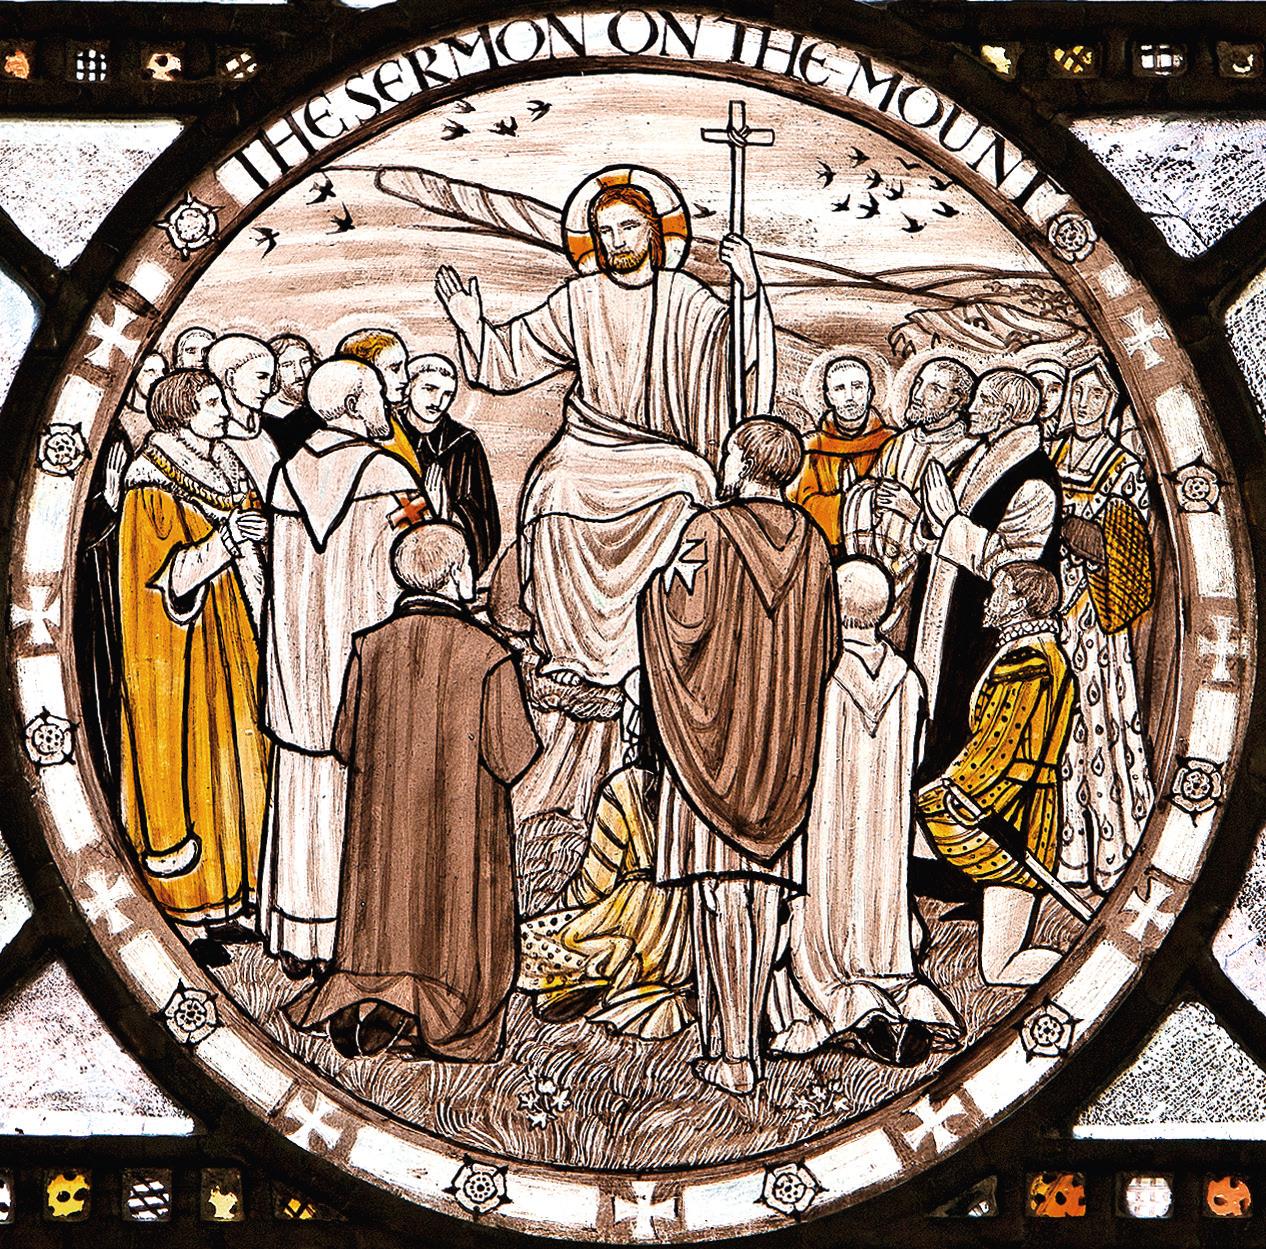 vetrata della cripta dei martiri del Convento delle monache benedettine  di Tyburn, Londra